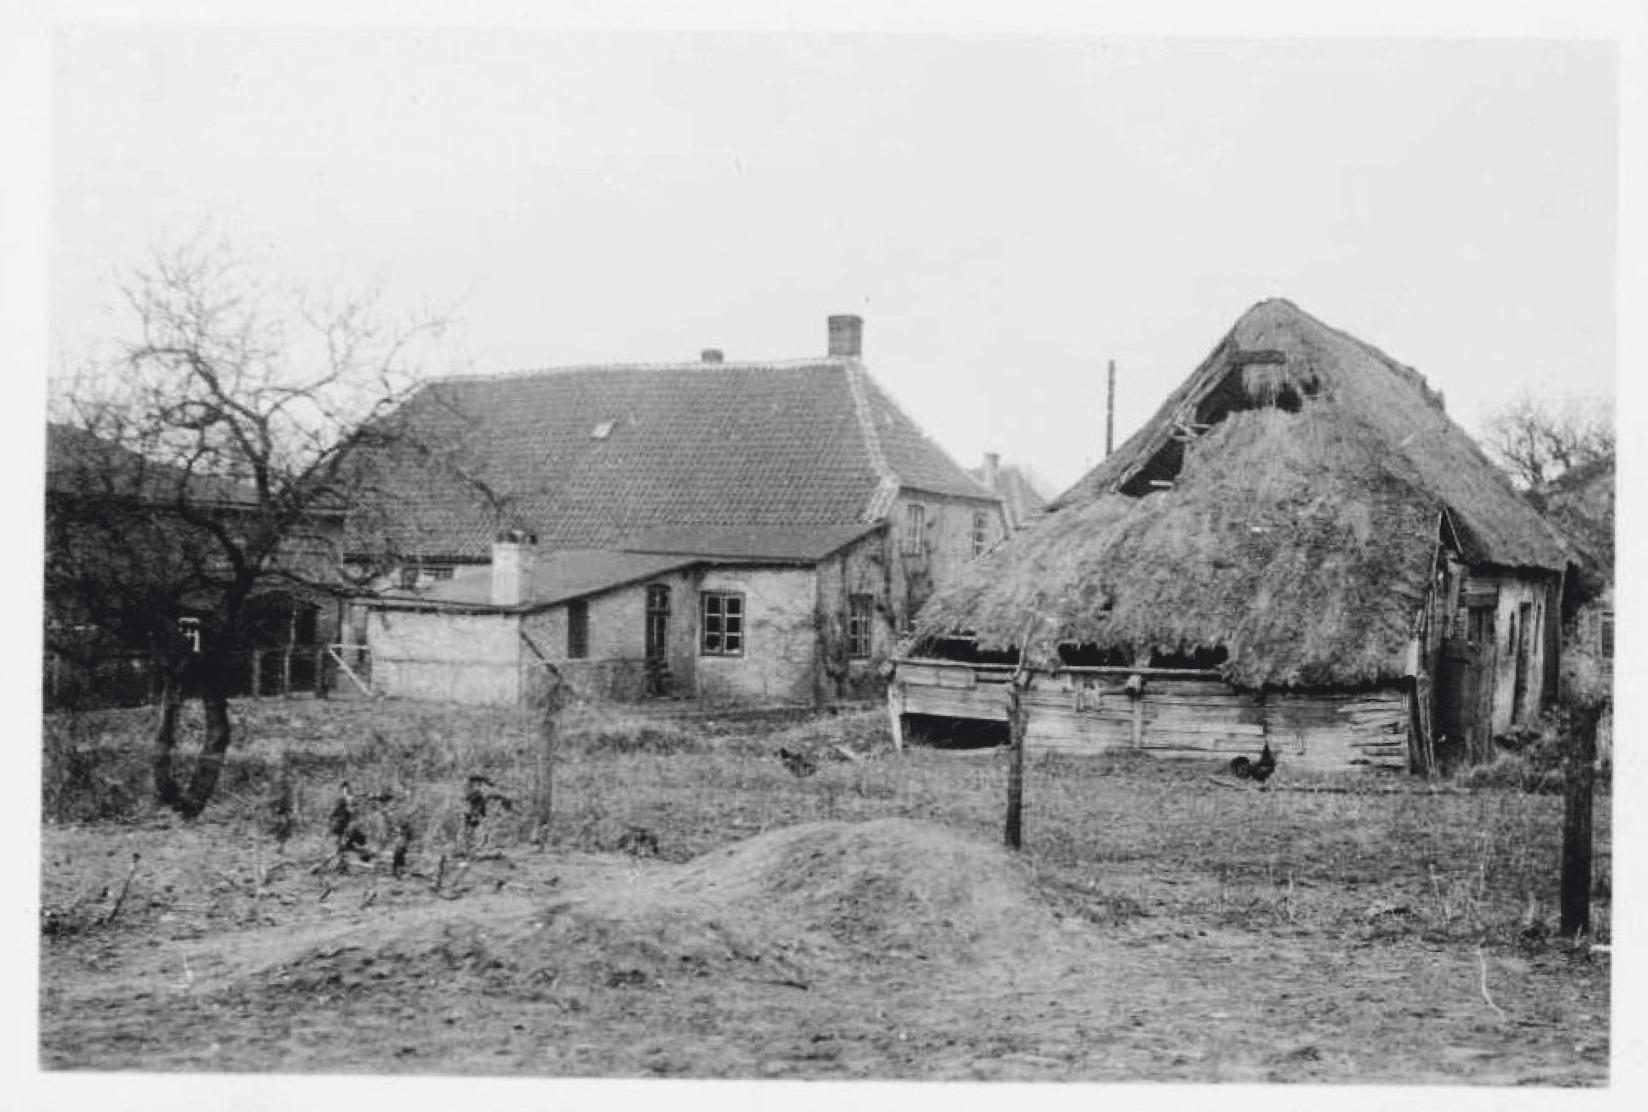 dorf_bilder/Chronik-Hennstedt-301-5.jpg